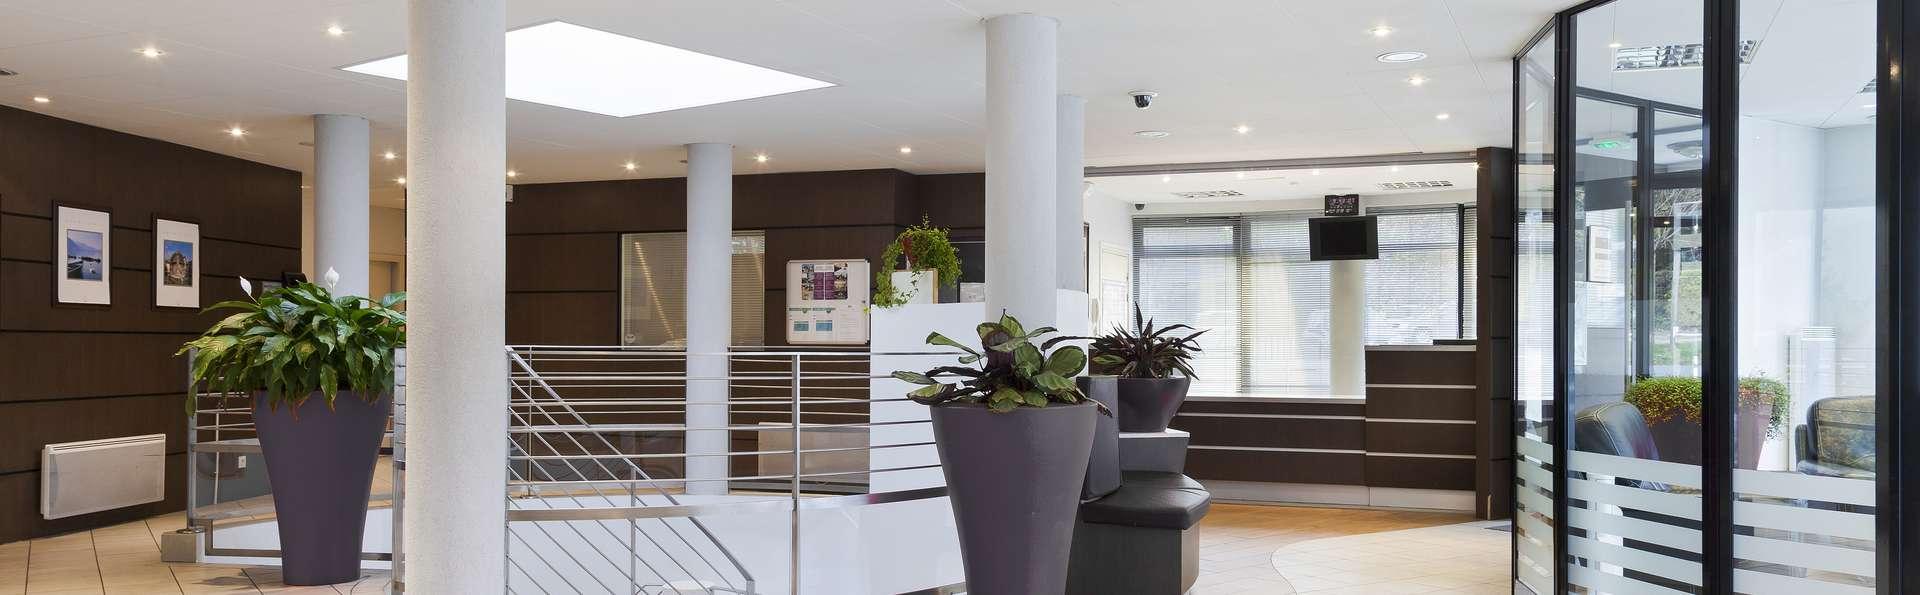 Zenitude Hôtel Résidences - Les Hauts d'Annecy - RECEPTION__2_.jpg